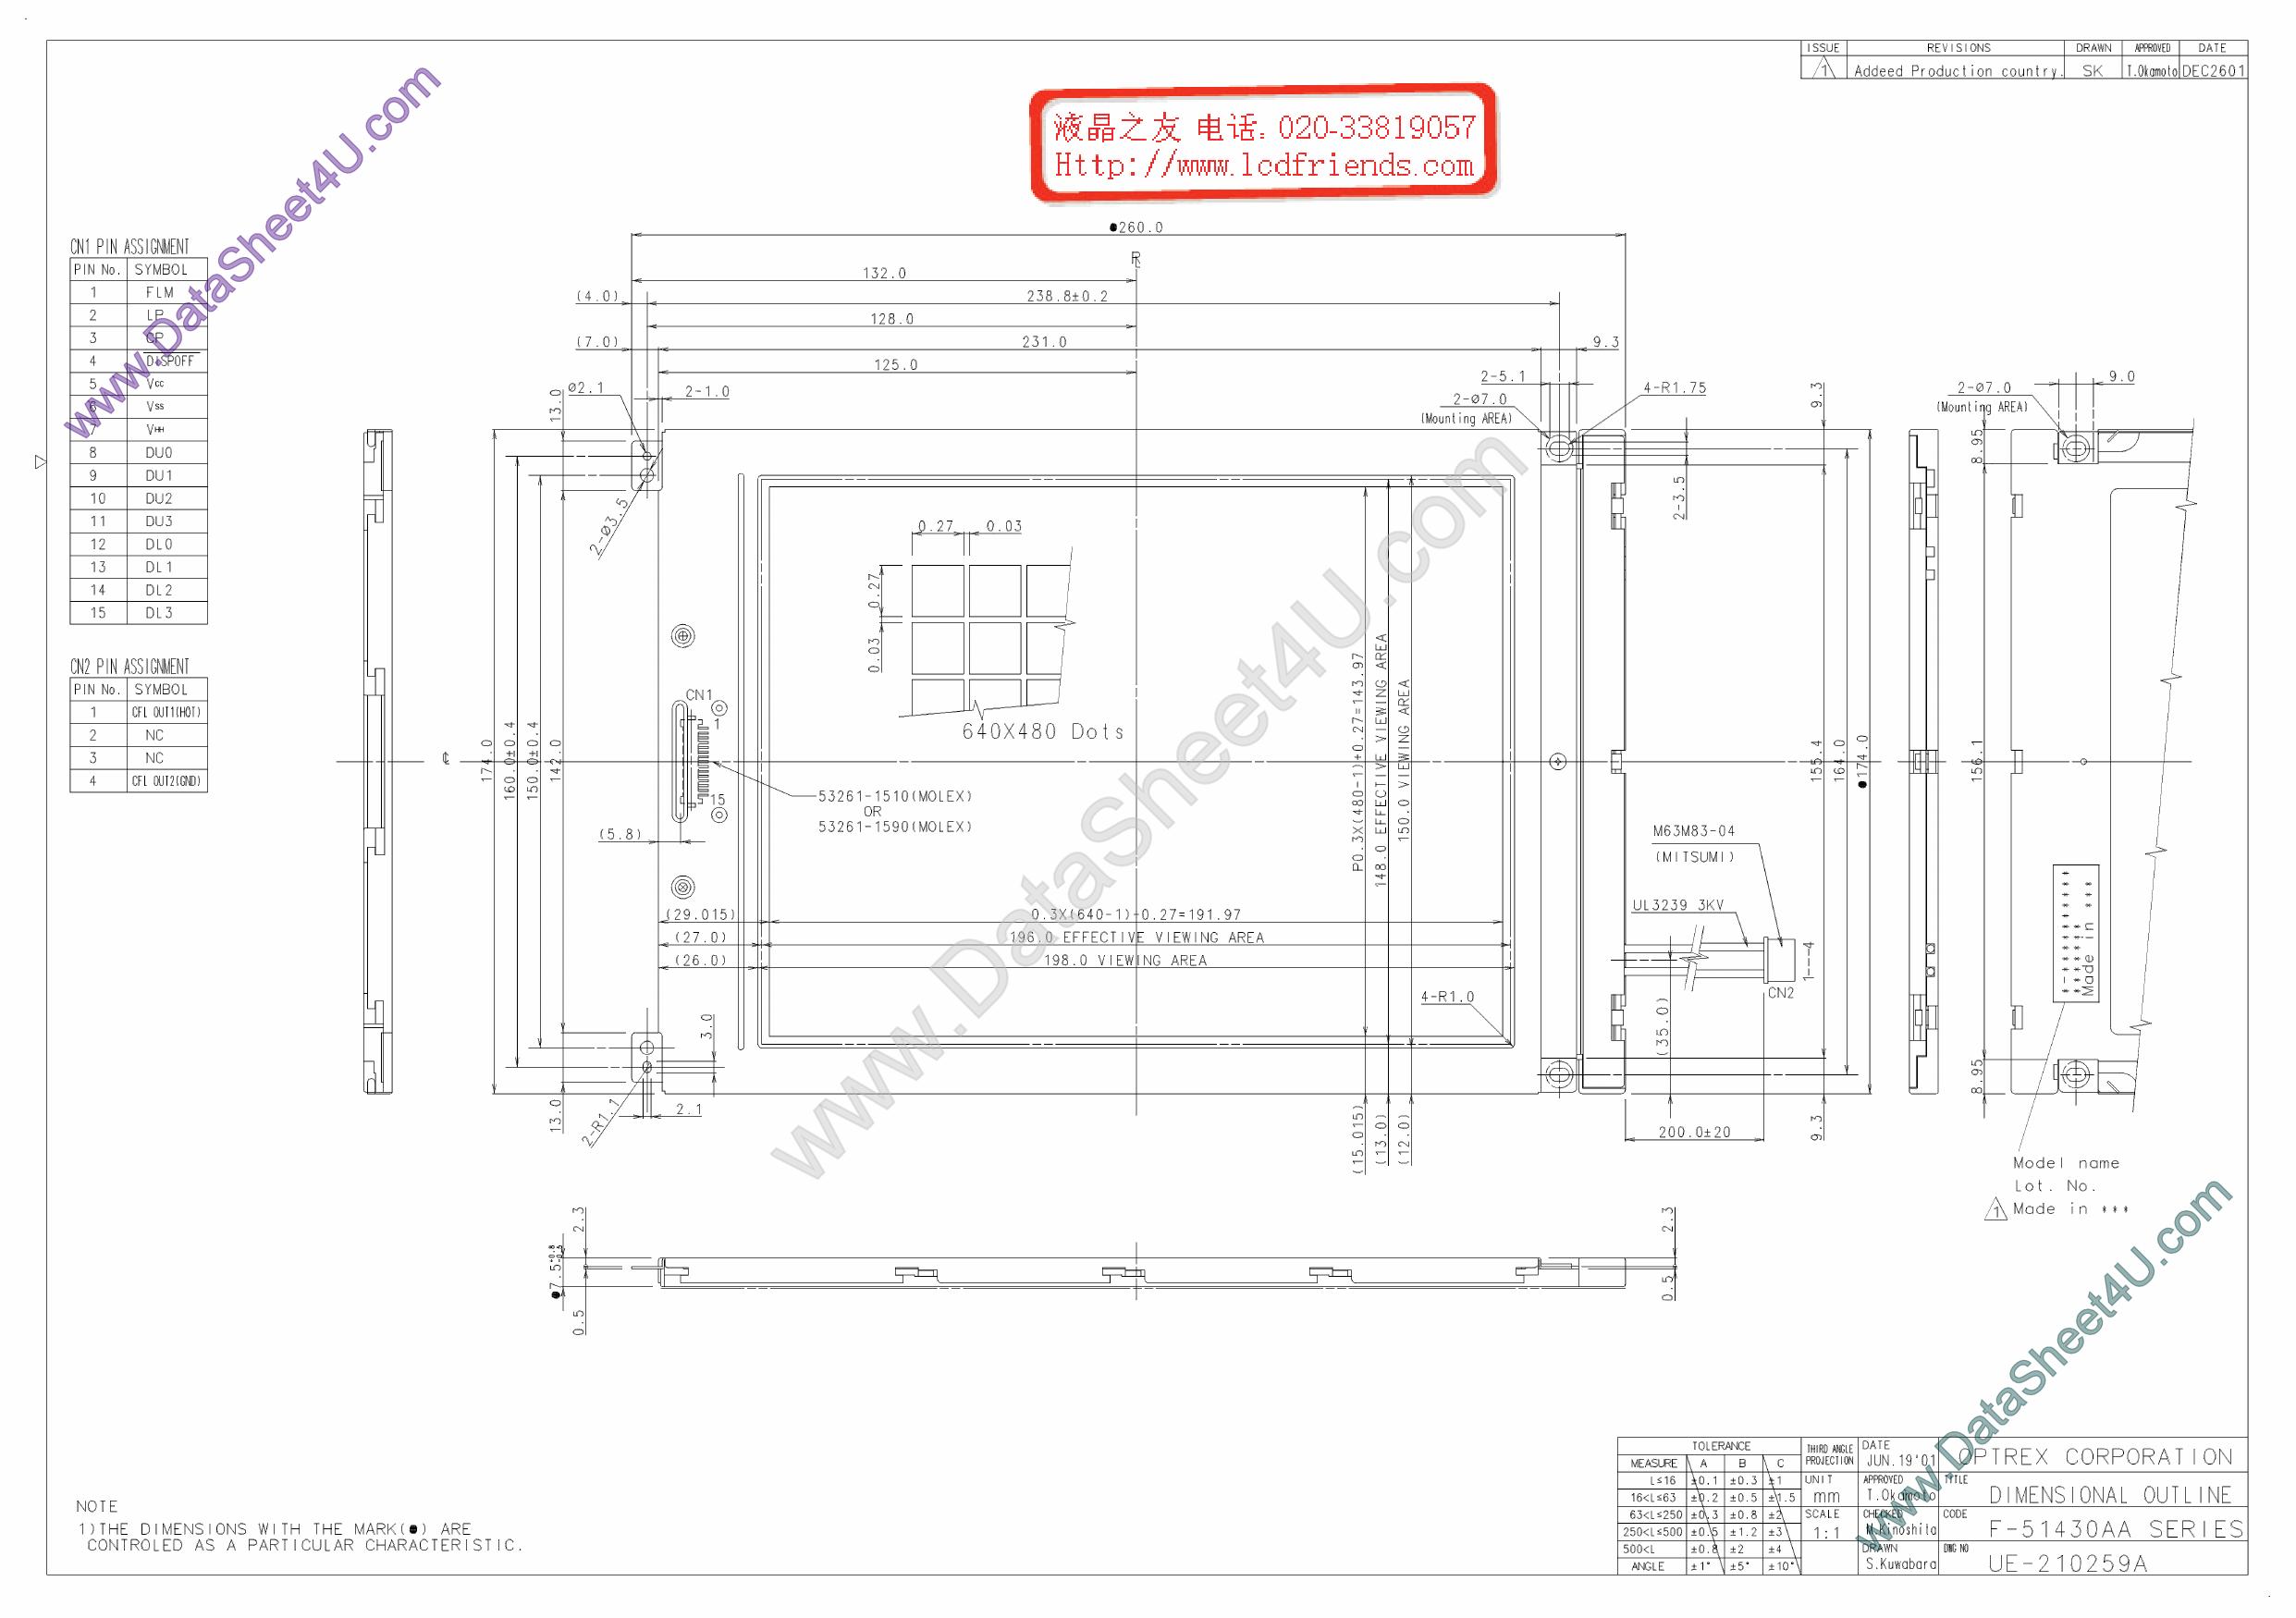 F-51430AA даташит PDF